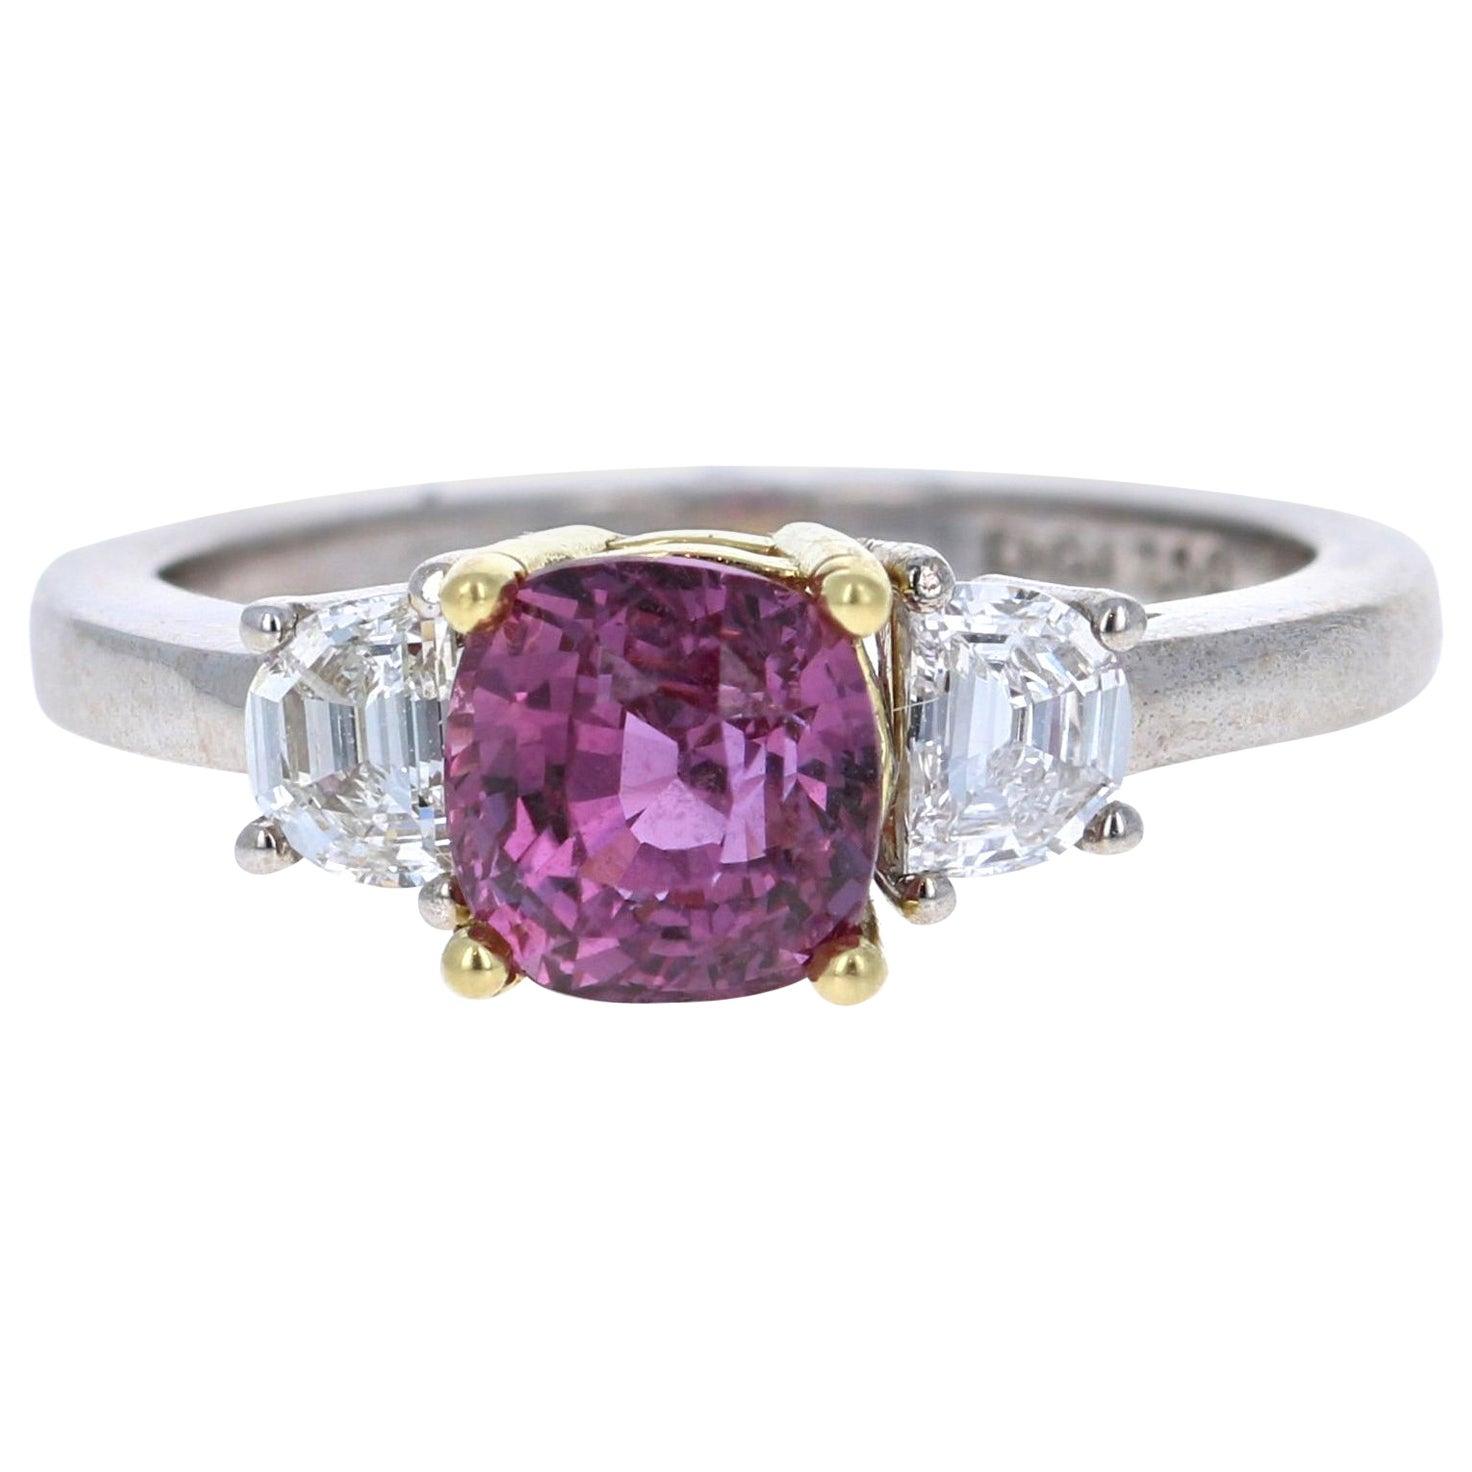 GIA Certified 2.64 Carat Pink Sapphire Diamond 18 Karat White Gold Ring